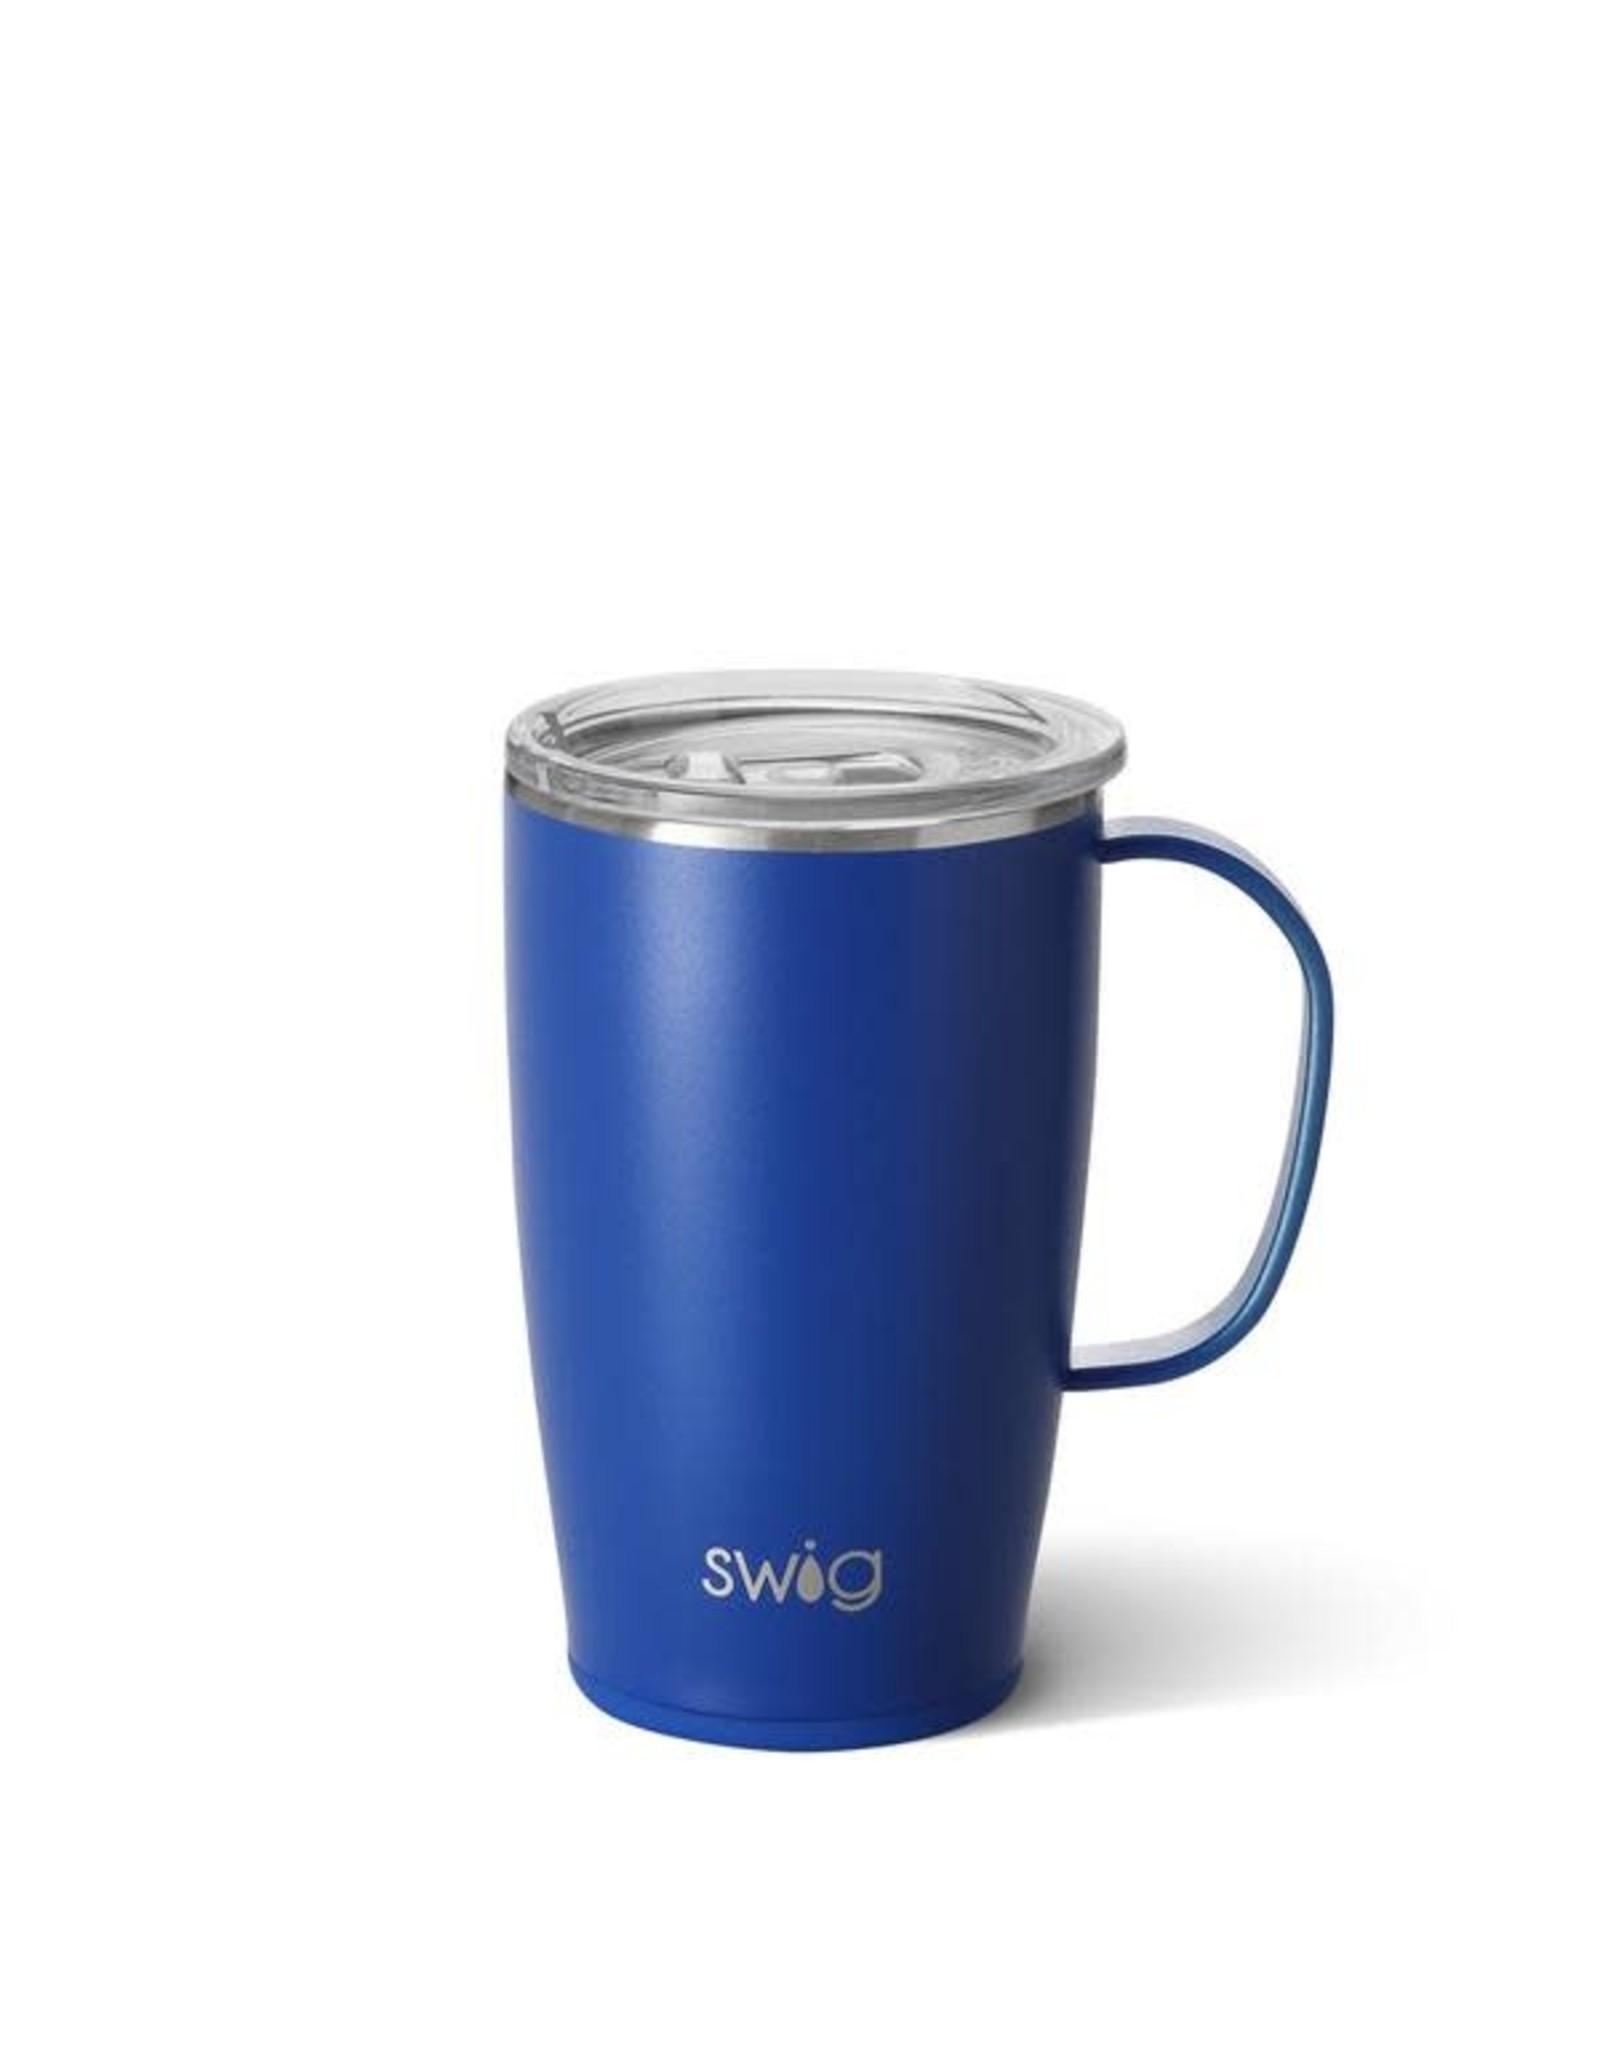 Matte Royal Swig Mug